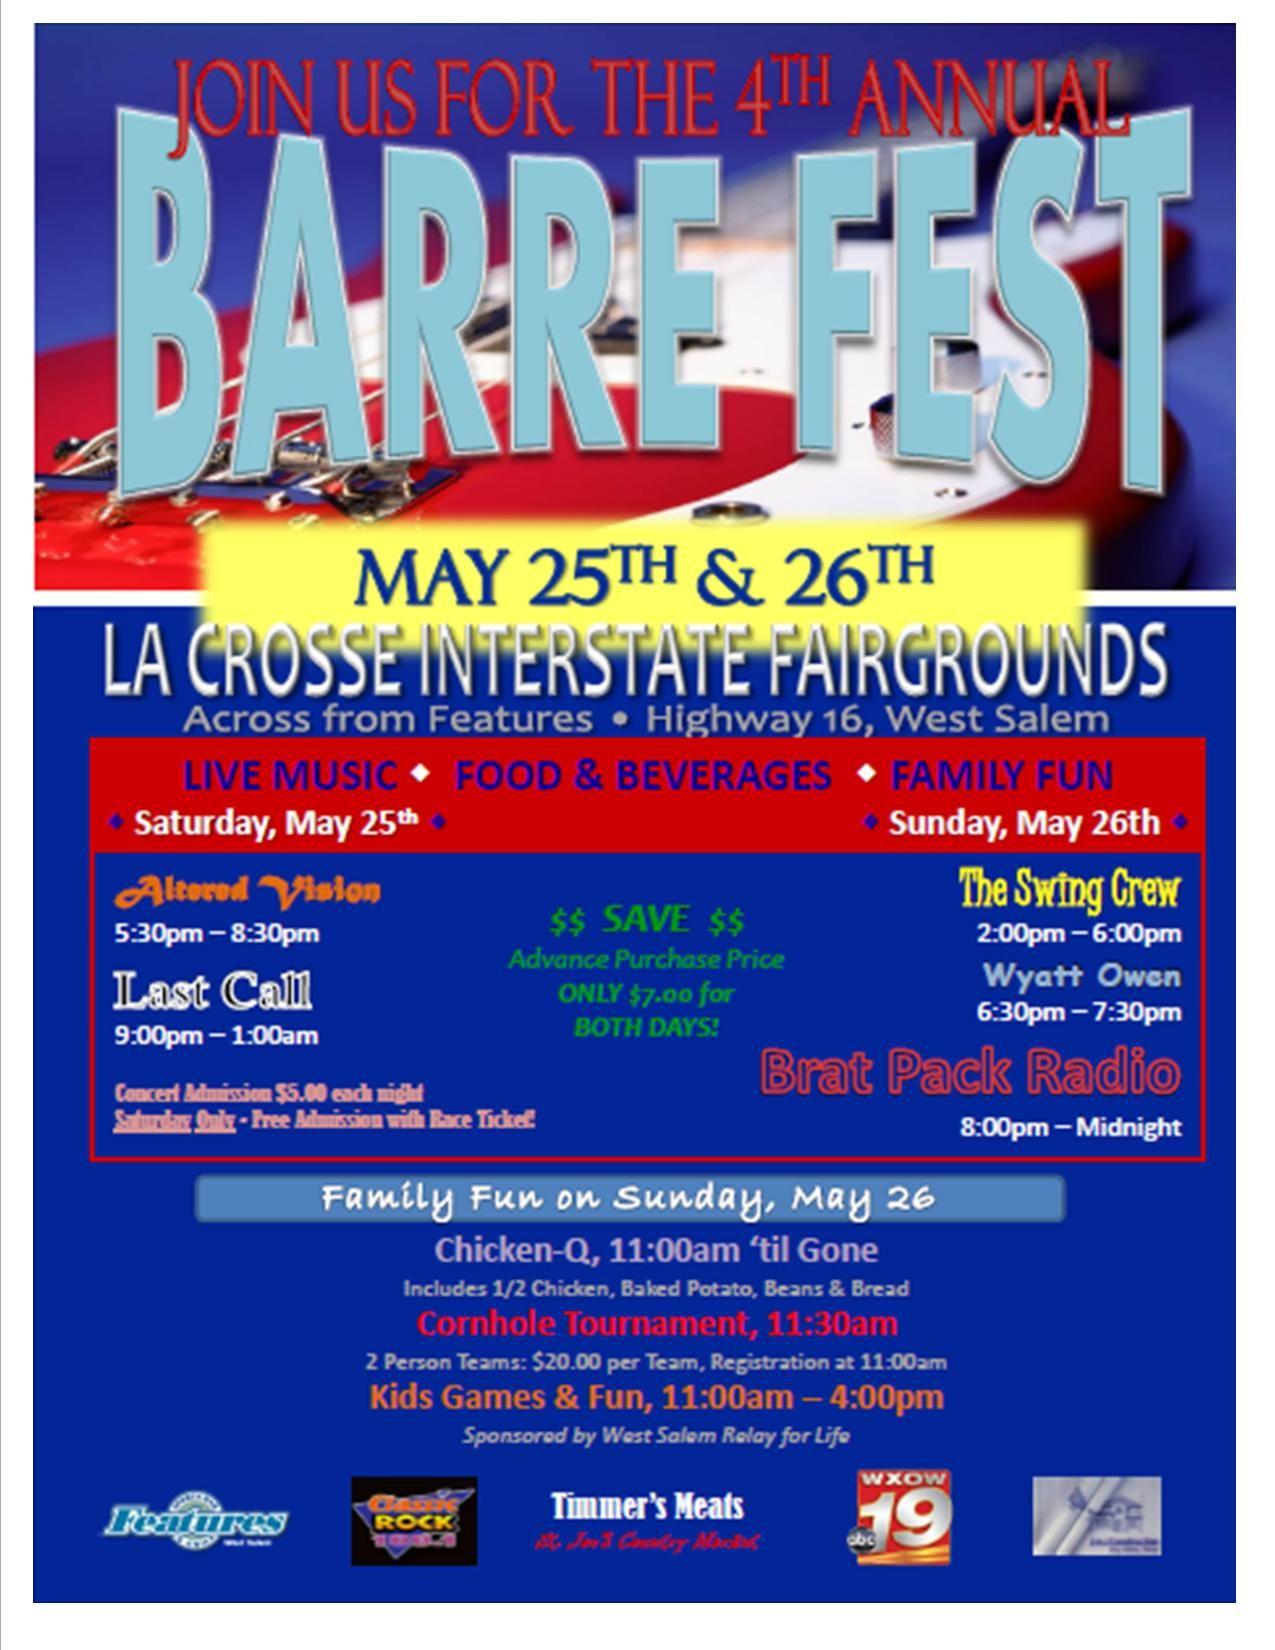 Barre Fest May 25th & 26th, La Crosse Fairgrounds! West